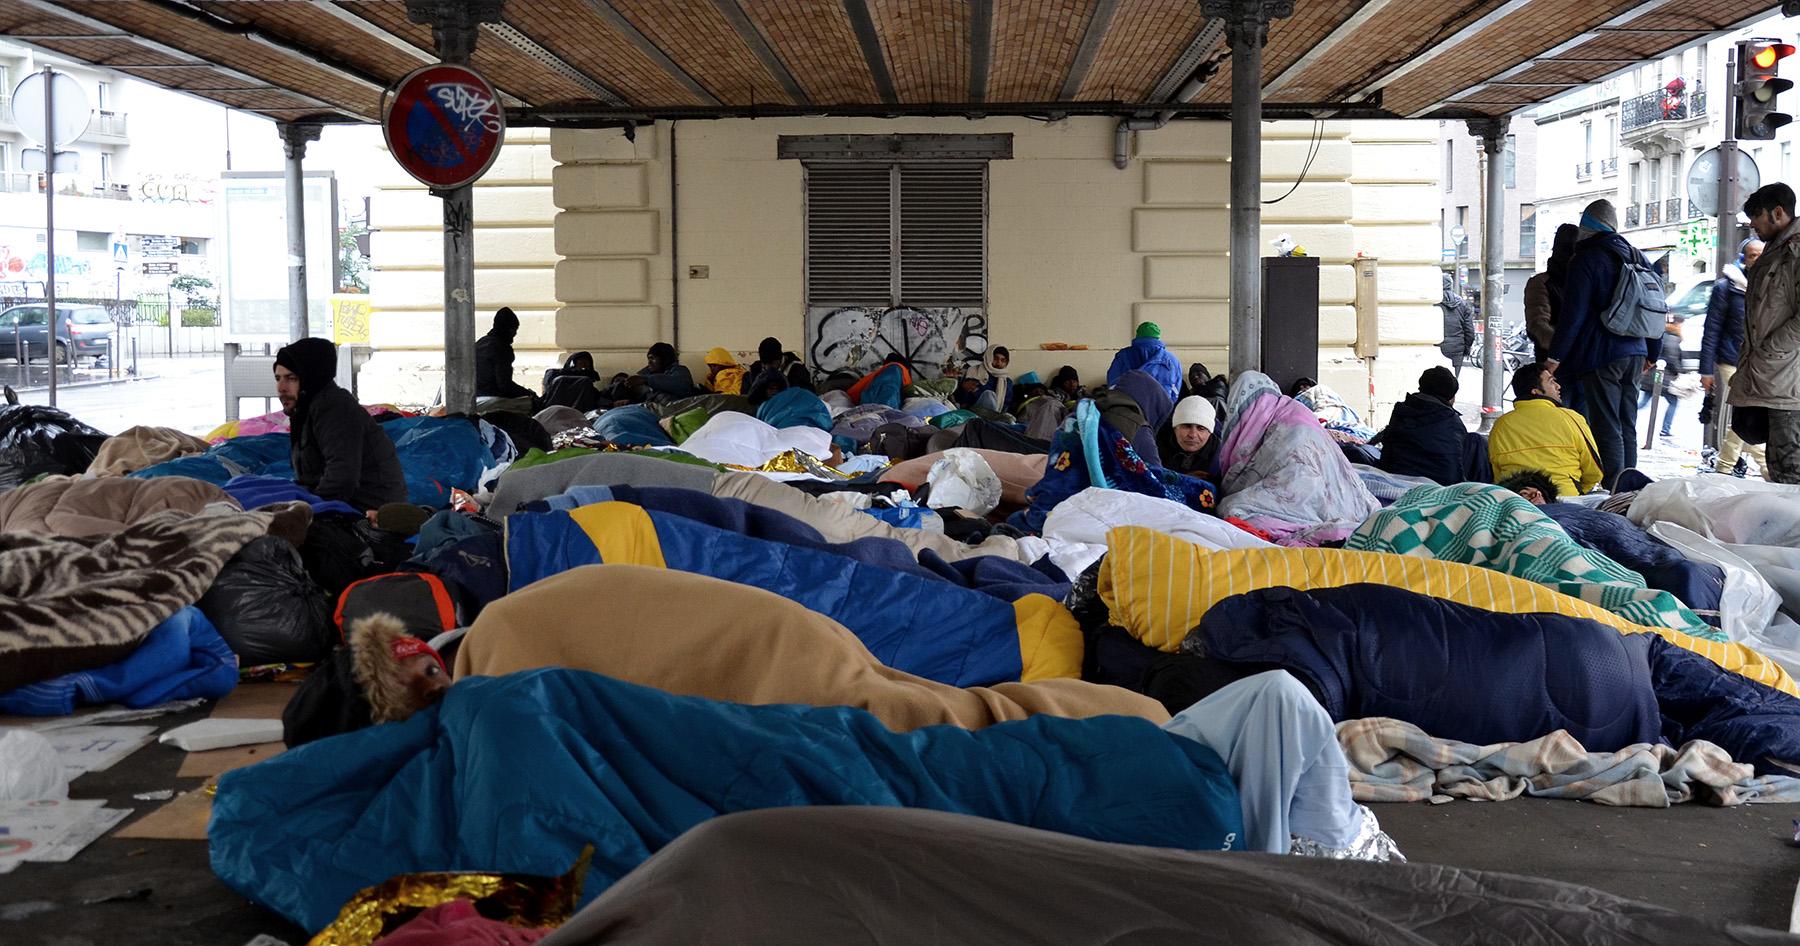 Le camp de réfugiés de Stalingrad démantelé